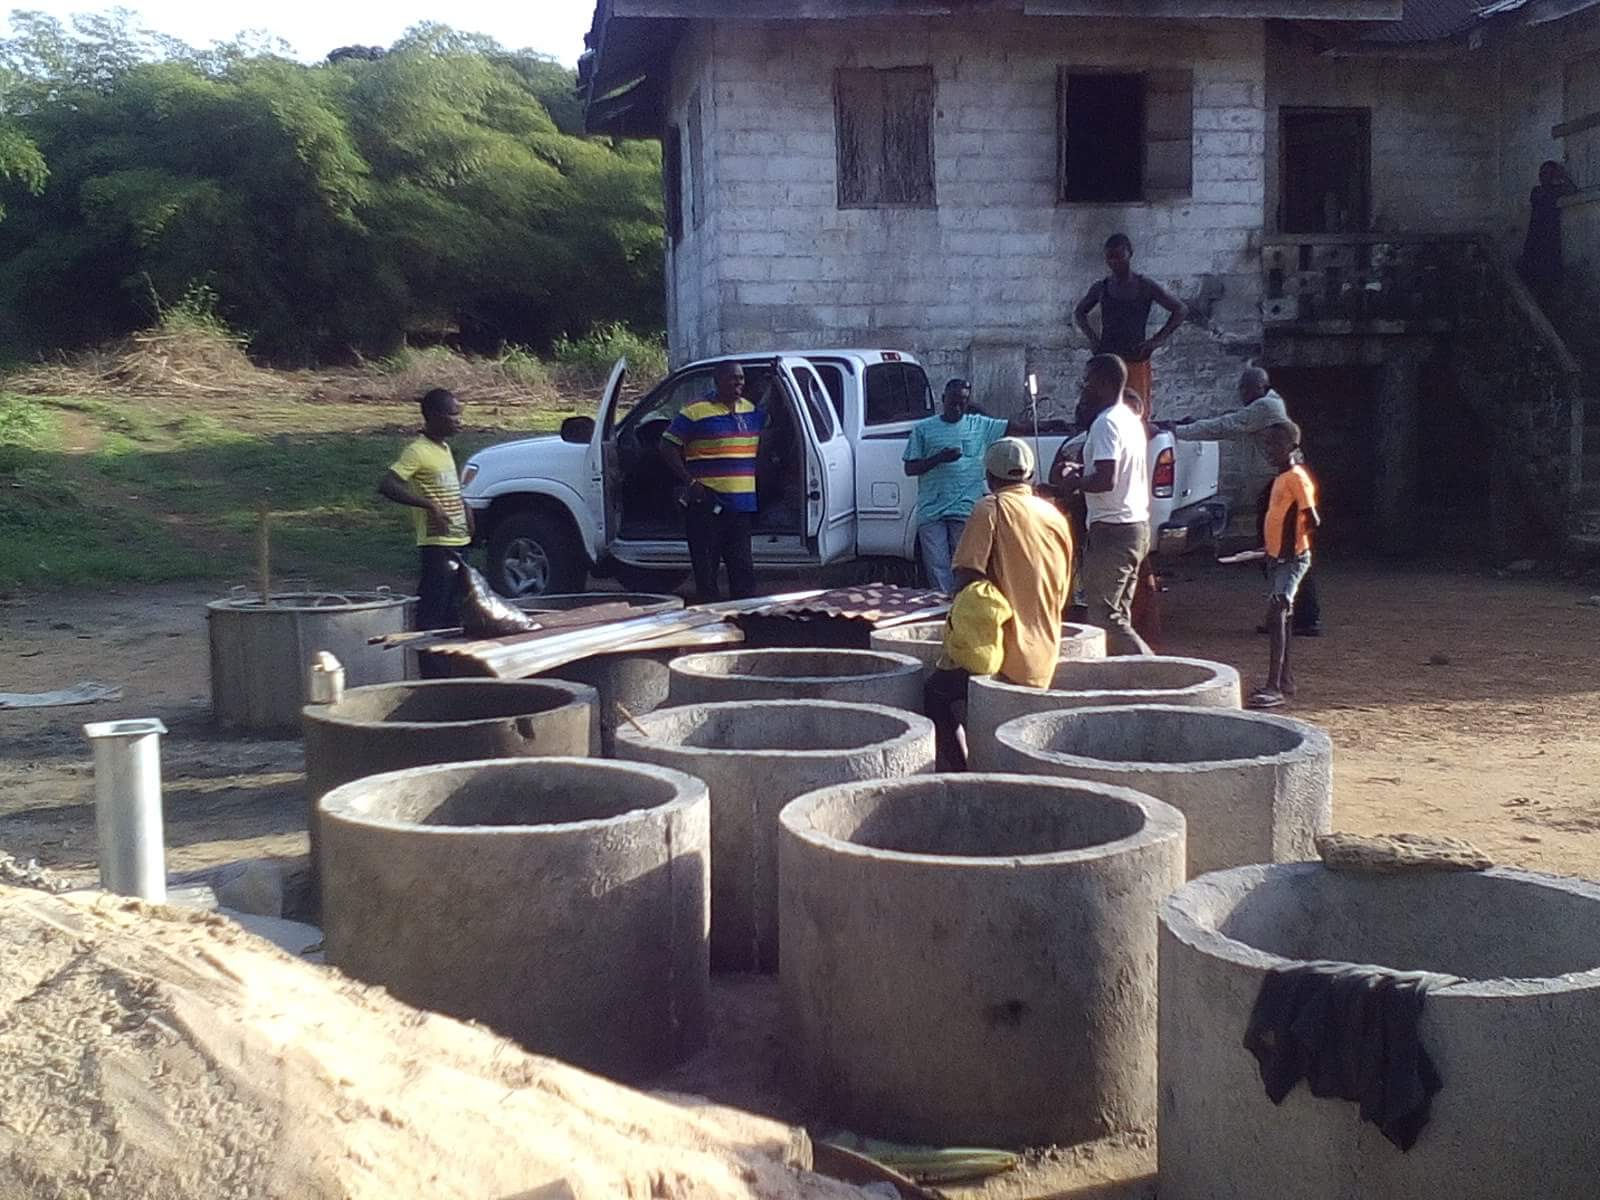 Preparing to cap a well in Owensgrove, Liberia